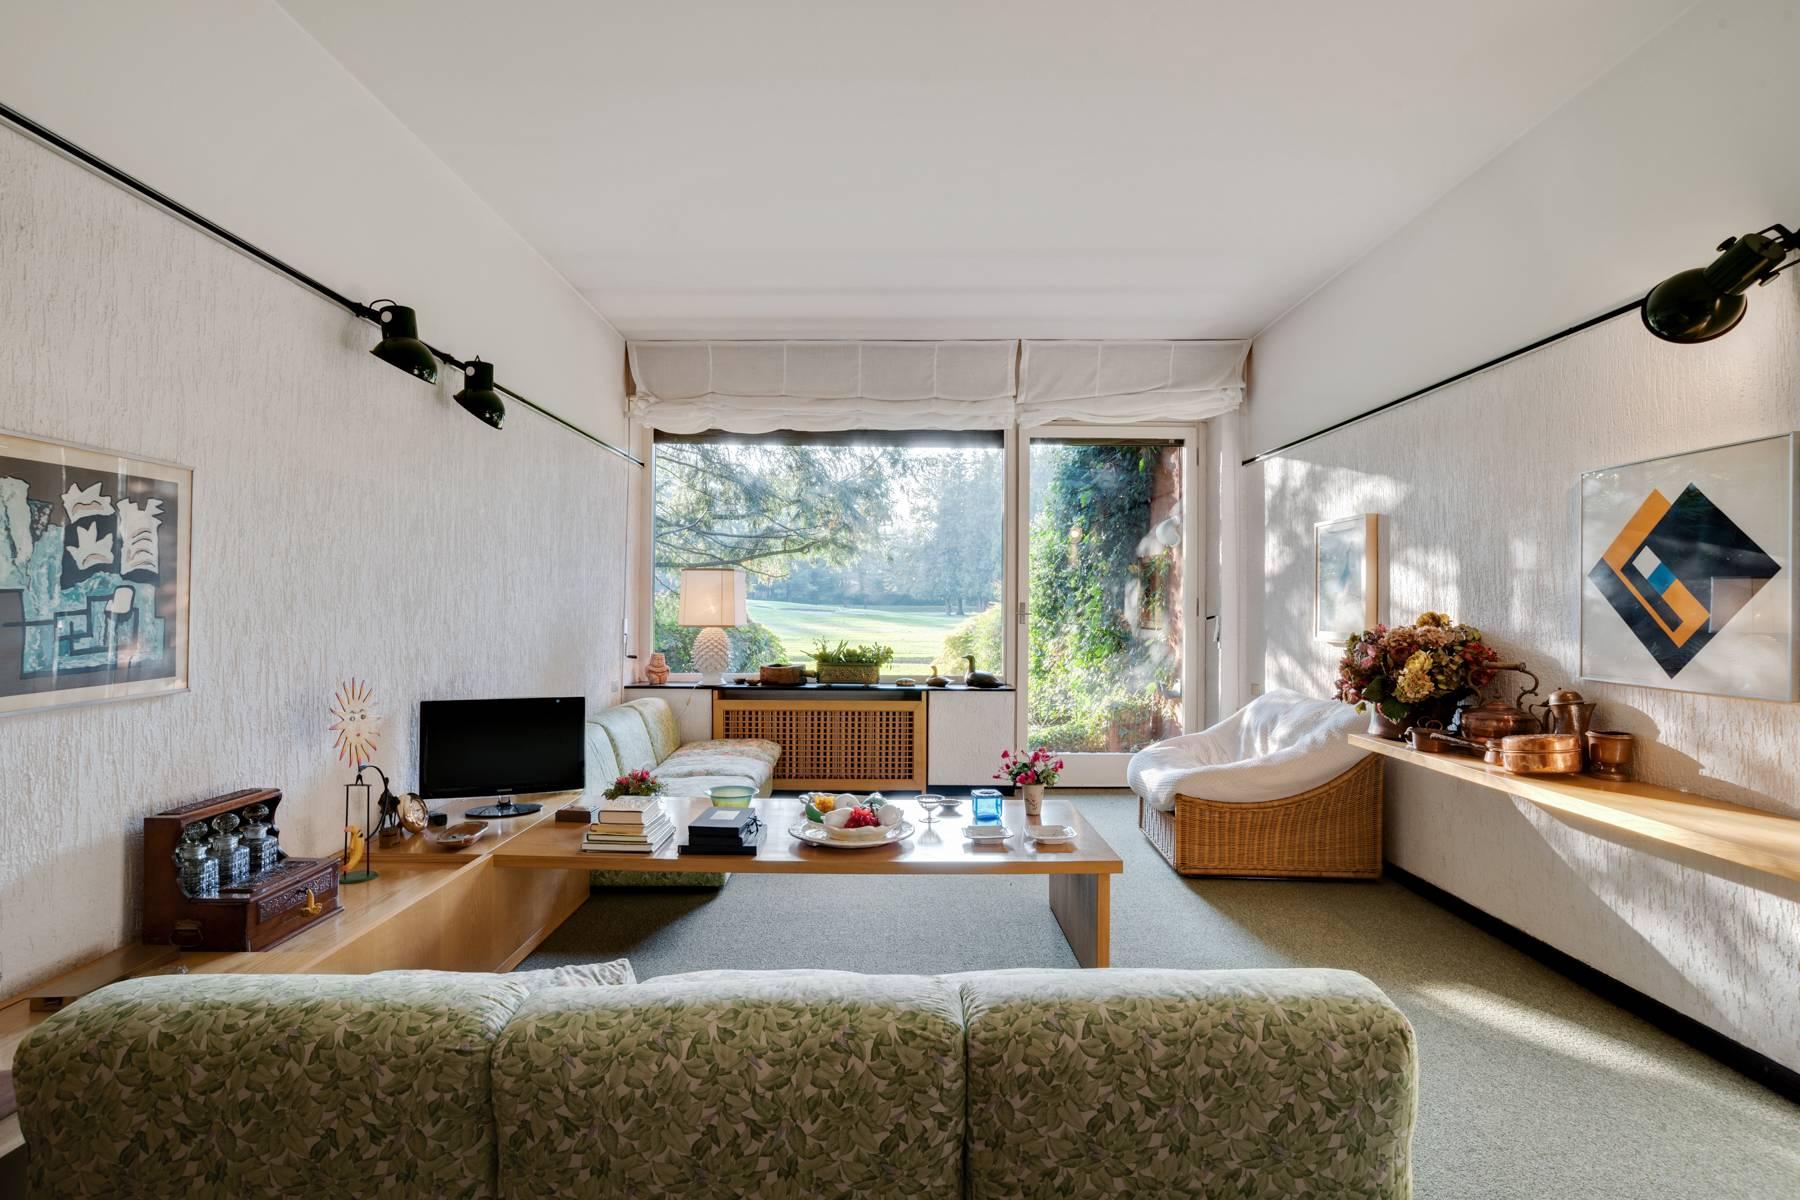 Appartamento in Vendita a Cassina Rizzardi: 3 locali, 134 mq - Foto 1